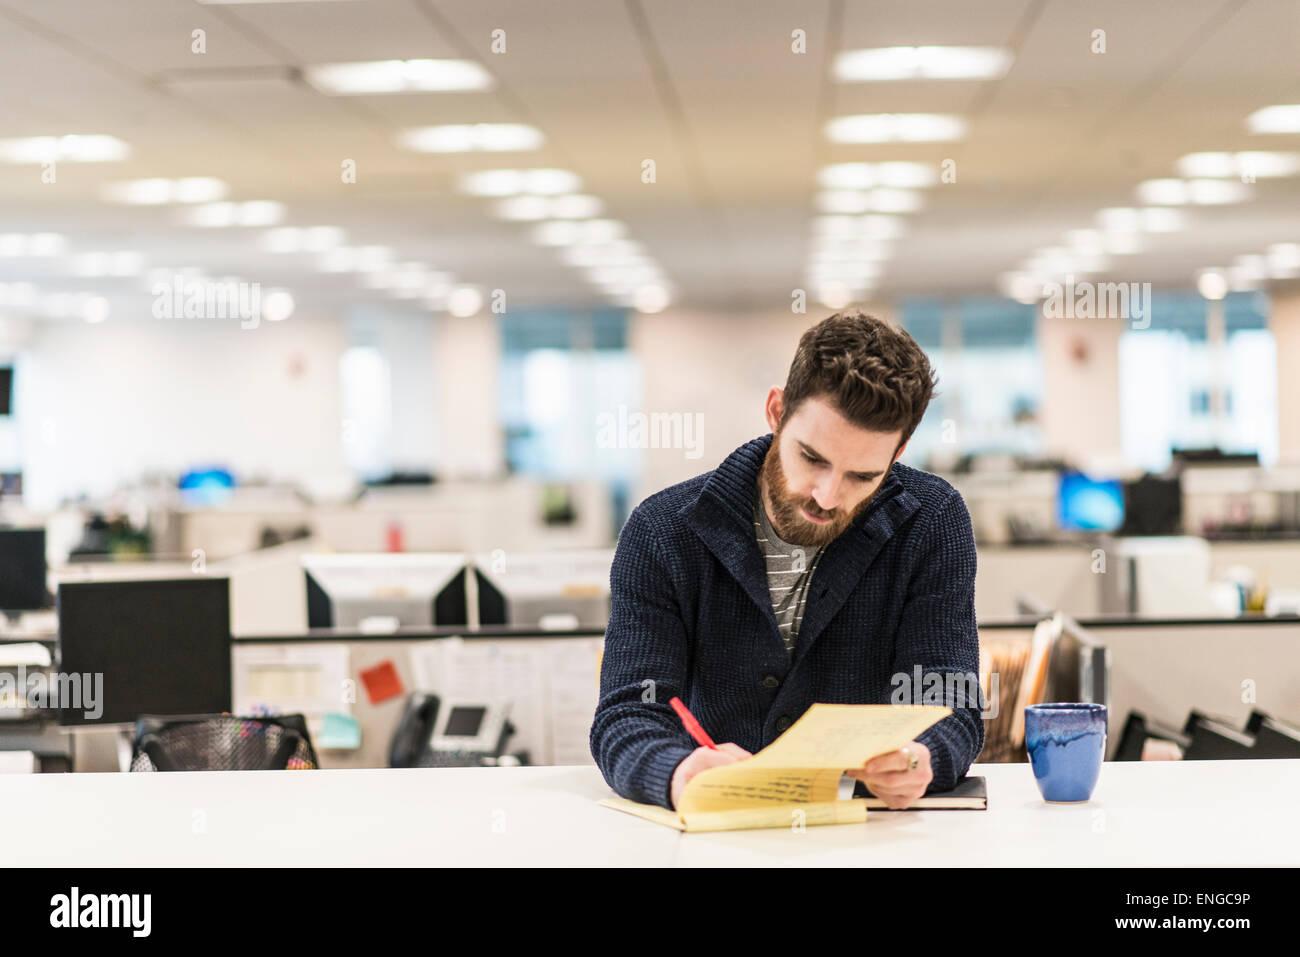 Ein Mann sitzt an einem Schreibtisch in einem Büro mit einem roten Stift schreiben. Stockbild